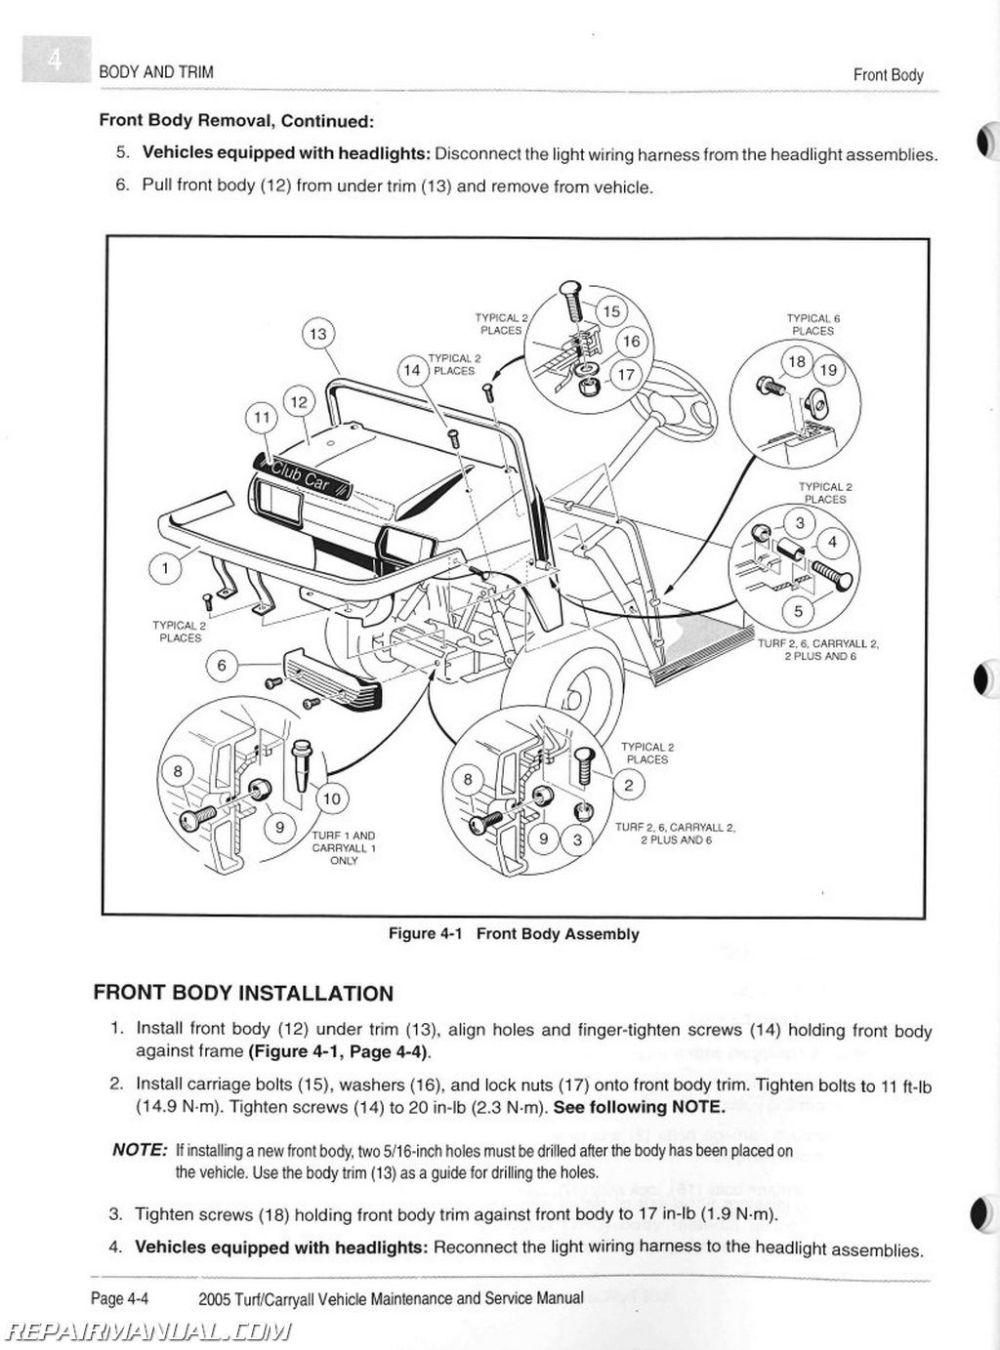 medium resolution of 2005 club car turf carryall